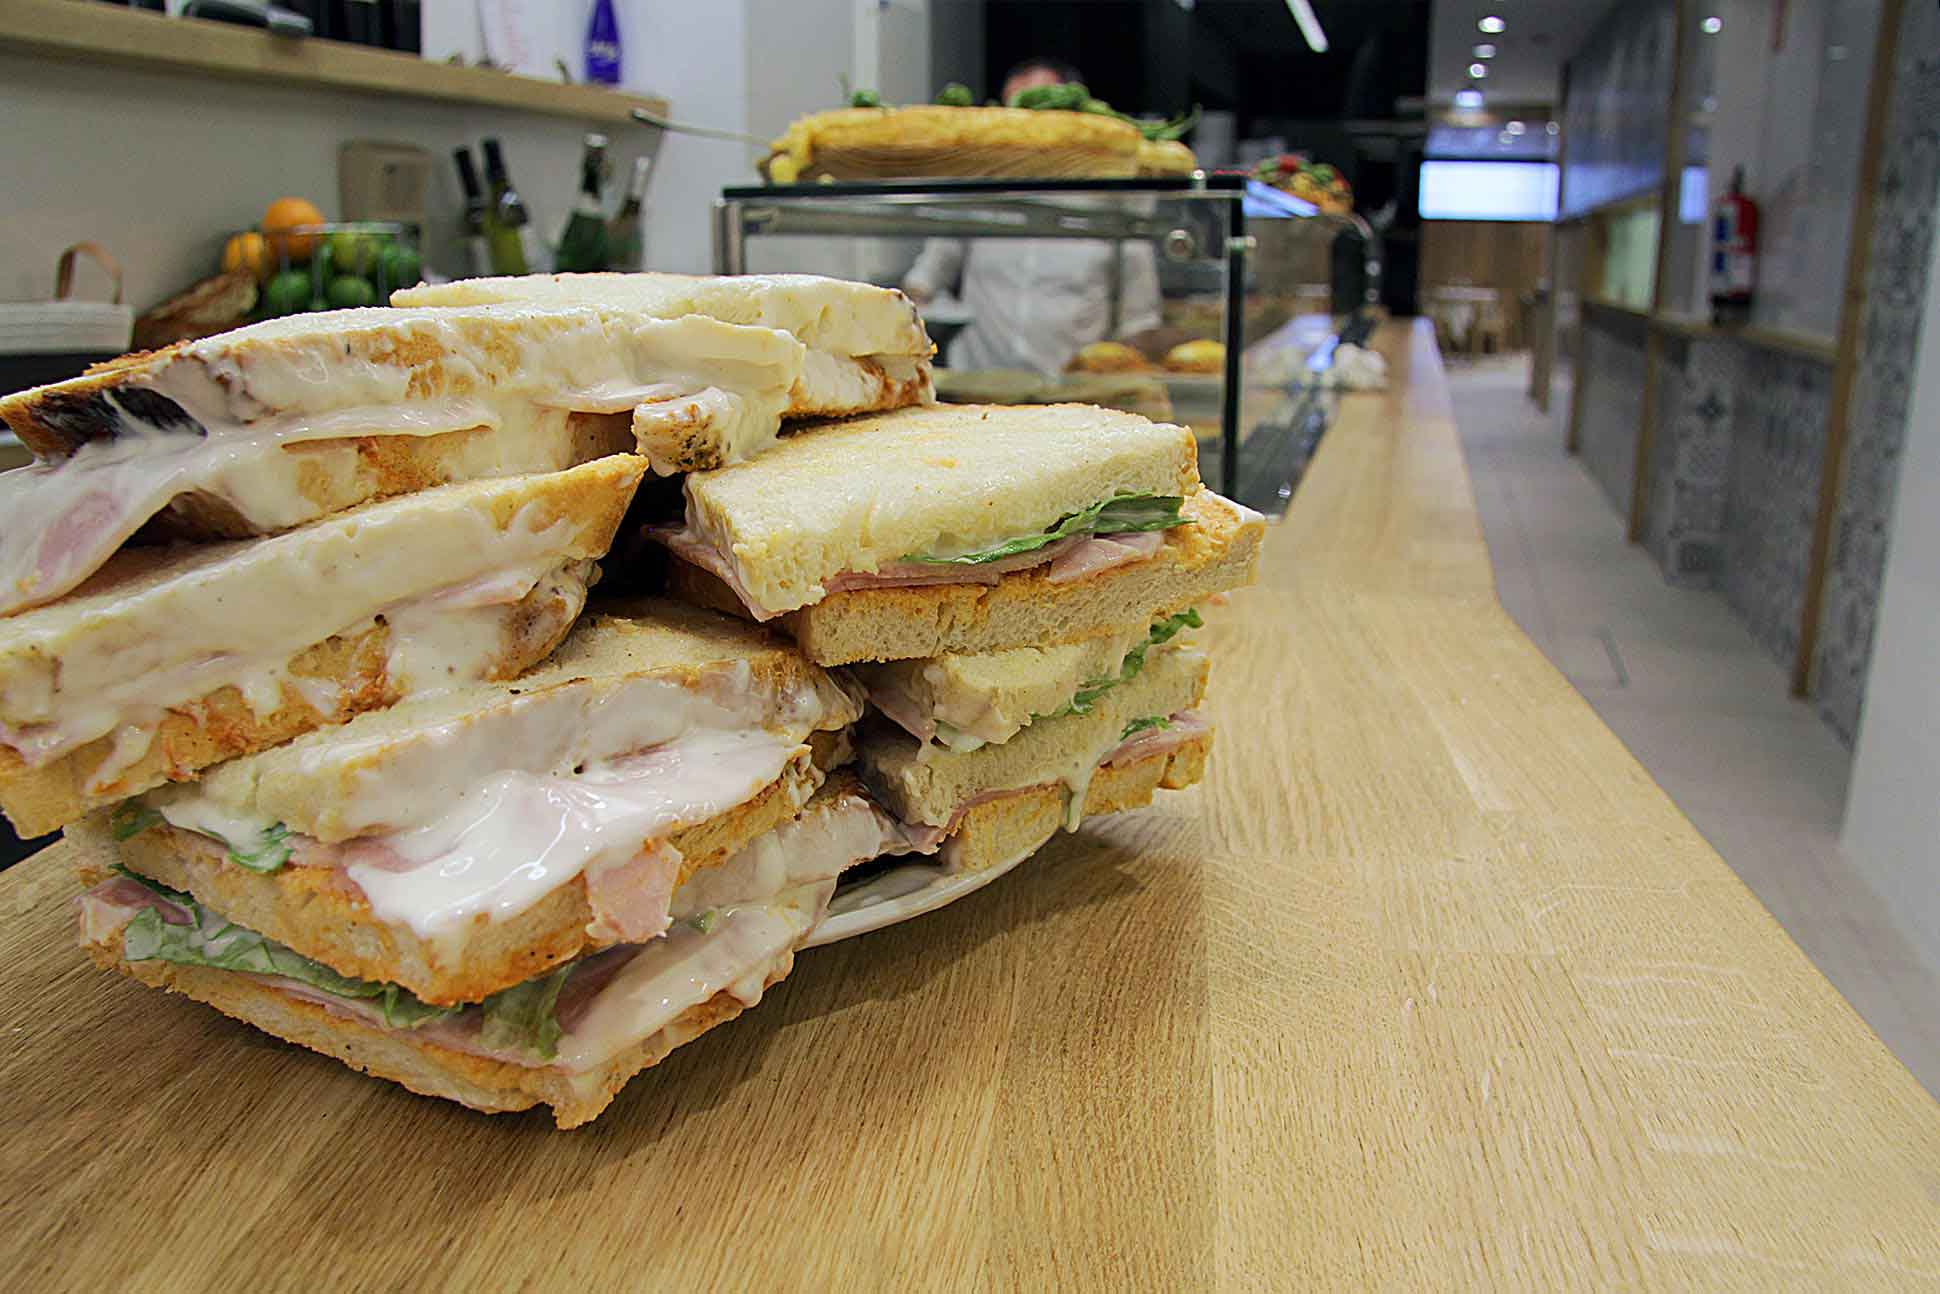 Triángulos, los sandwiches del Bar Eme de Bilbao famosos por su receta de salsa secreta